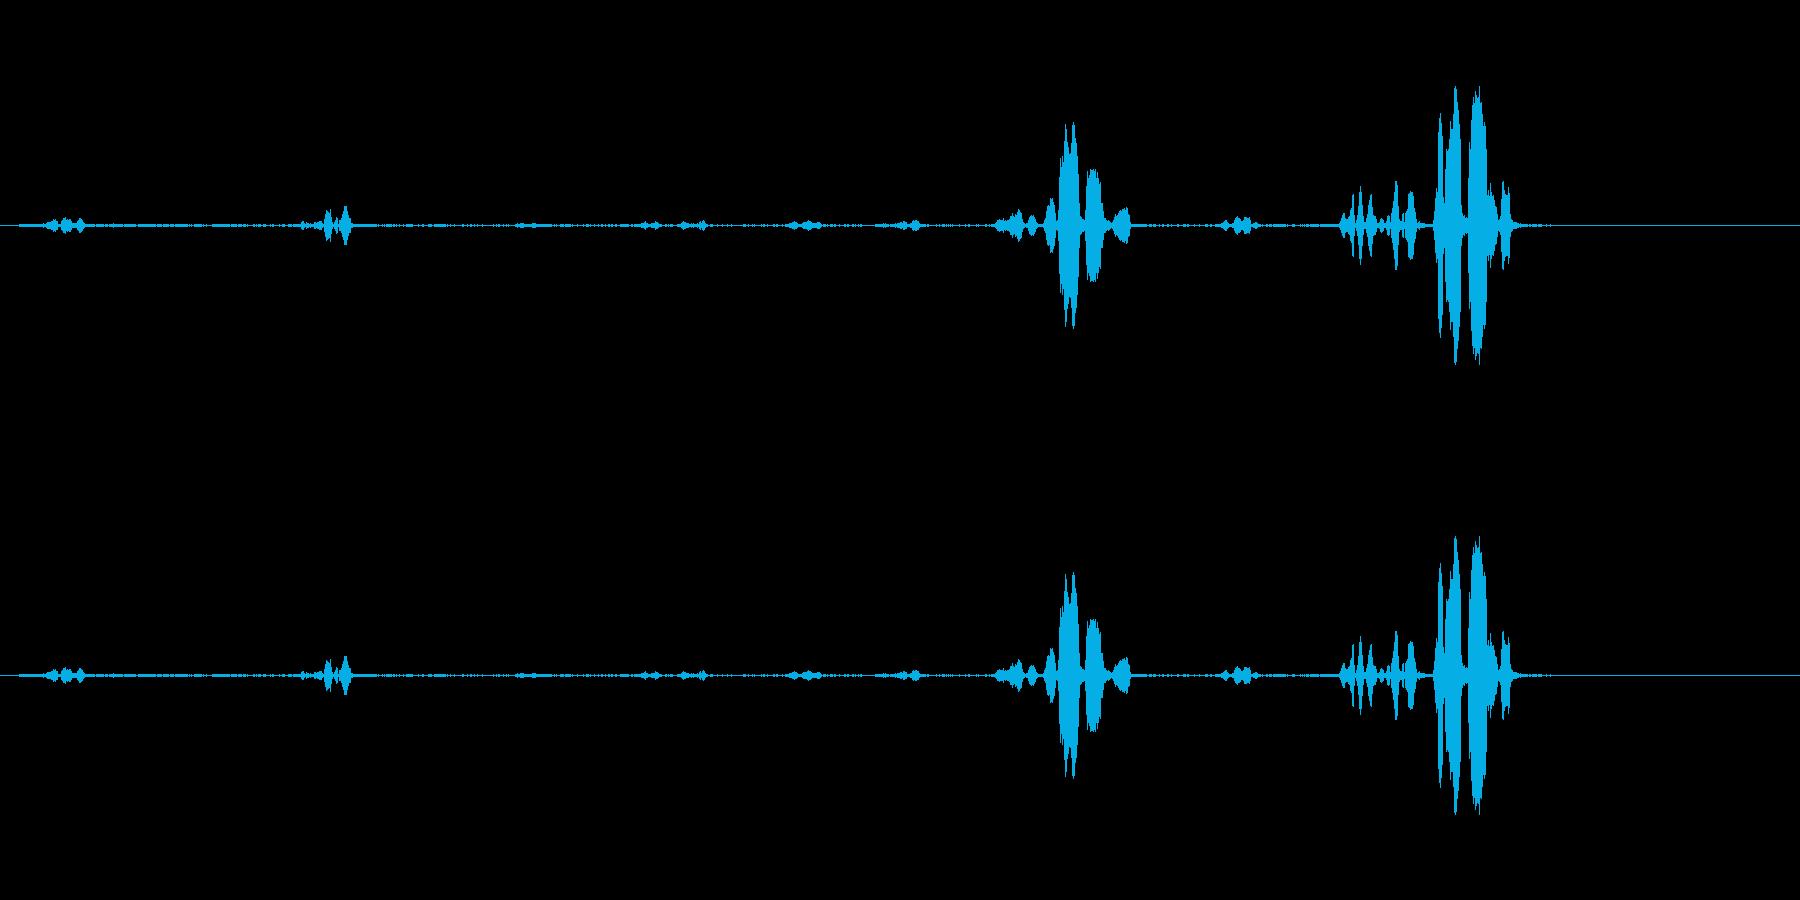 オウム-話す-スウェーデン語-鳥1の再生済みの波形